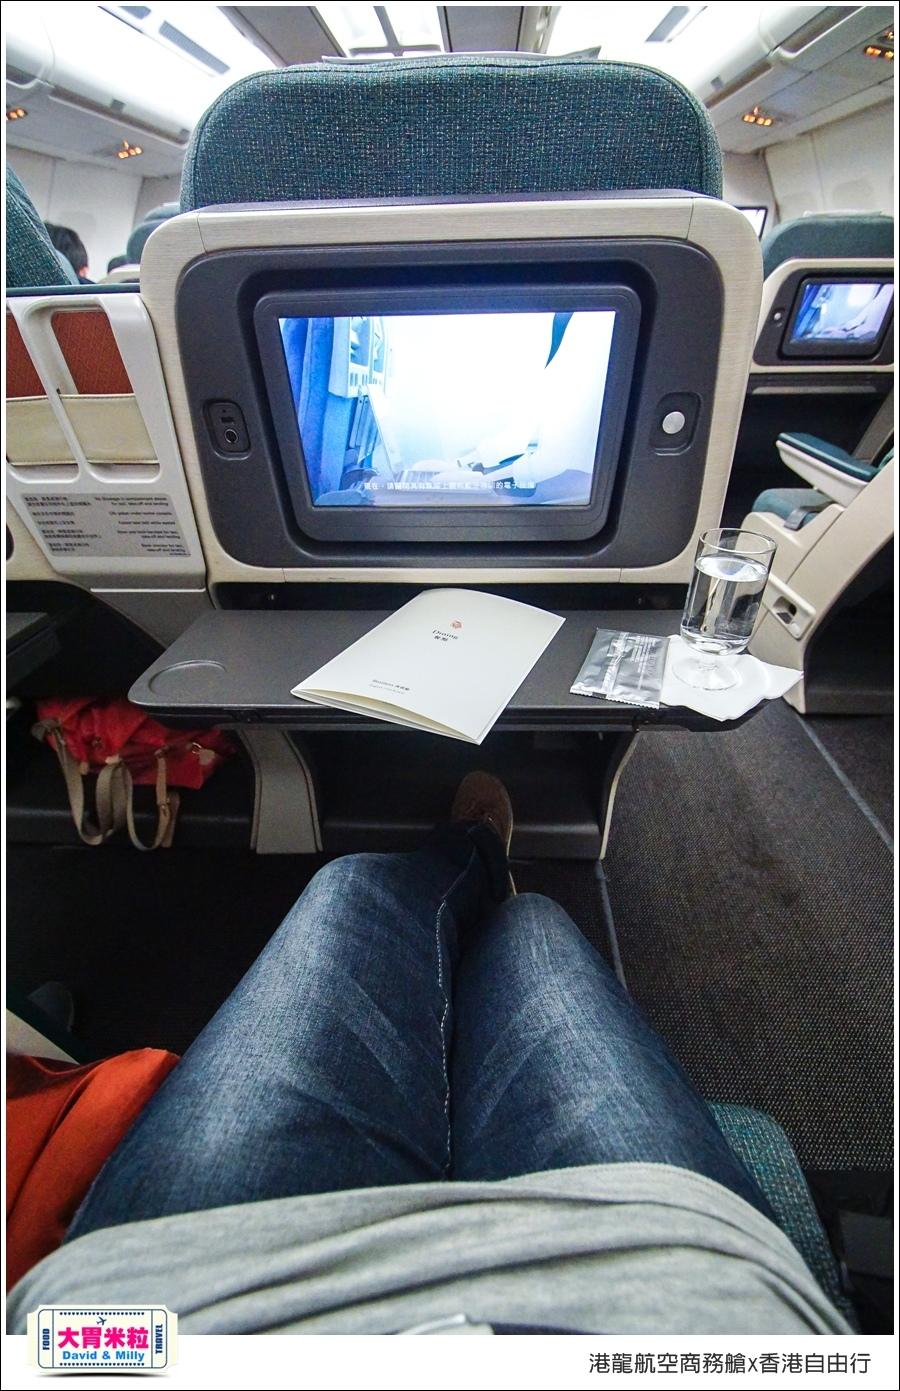 港龍航空商務艙x香港自由行三天兩夜行程推薦@大胃米粒110.jpg